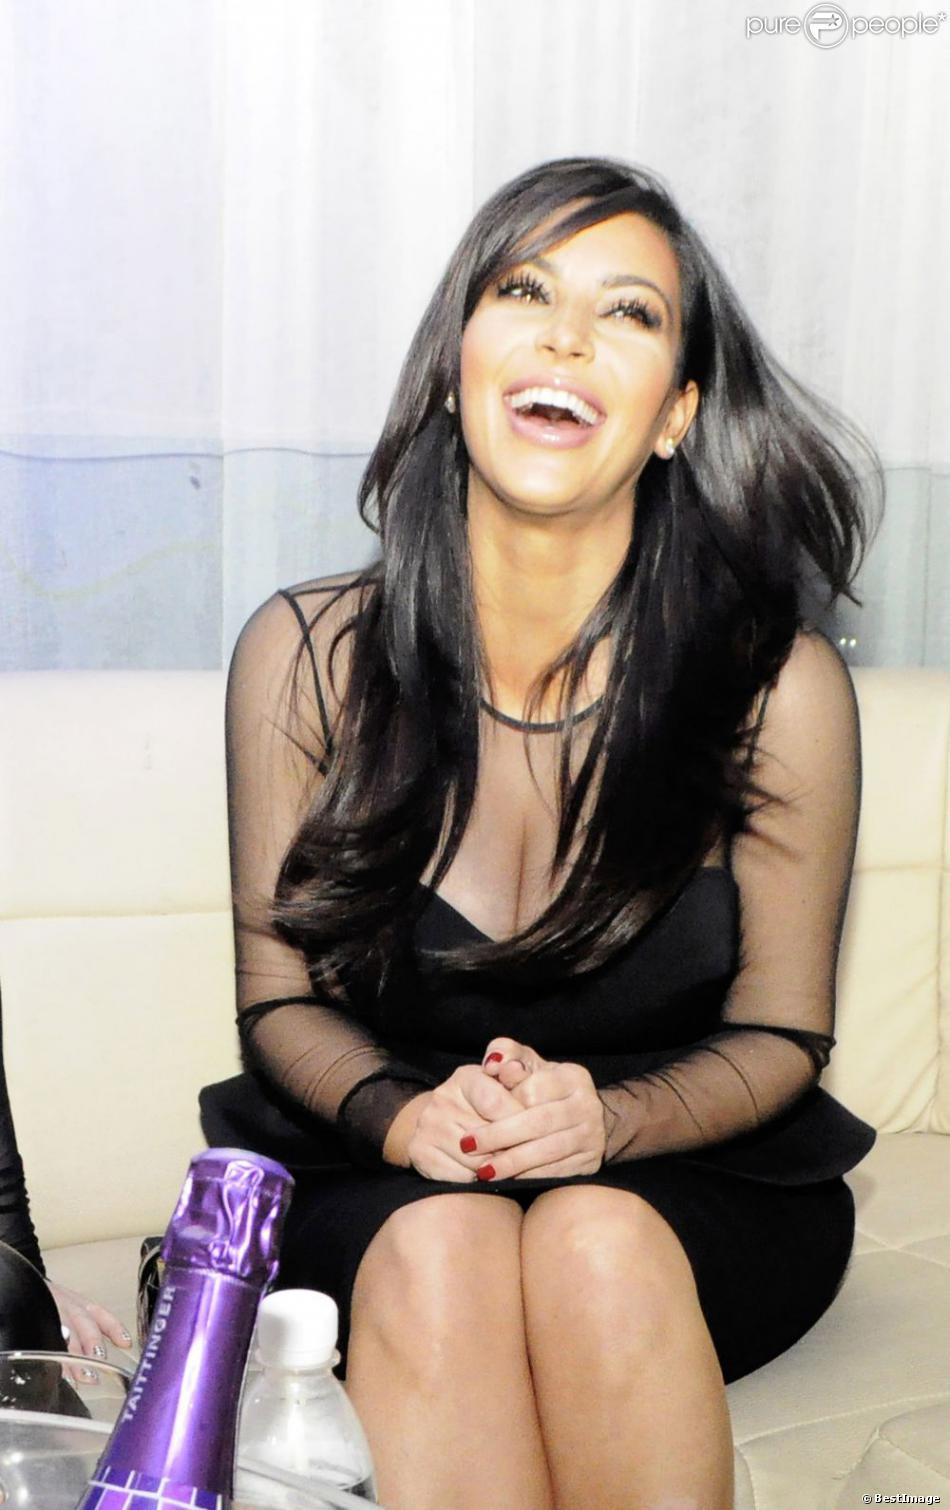 Kim Kardashian : La grossesse la rend plus belle de jour en jour. Ici, lors d'une soirée privée dans la boîte de nuit Life Star à Abidjan en Côte d'Ivoire. Une soirée animée par le DJ Big Ali, le samedi 19 janvier 2013